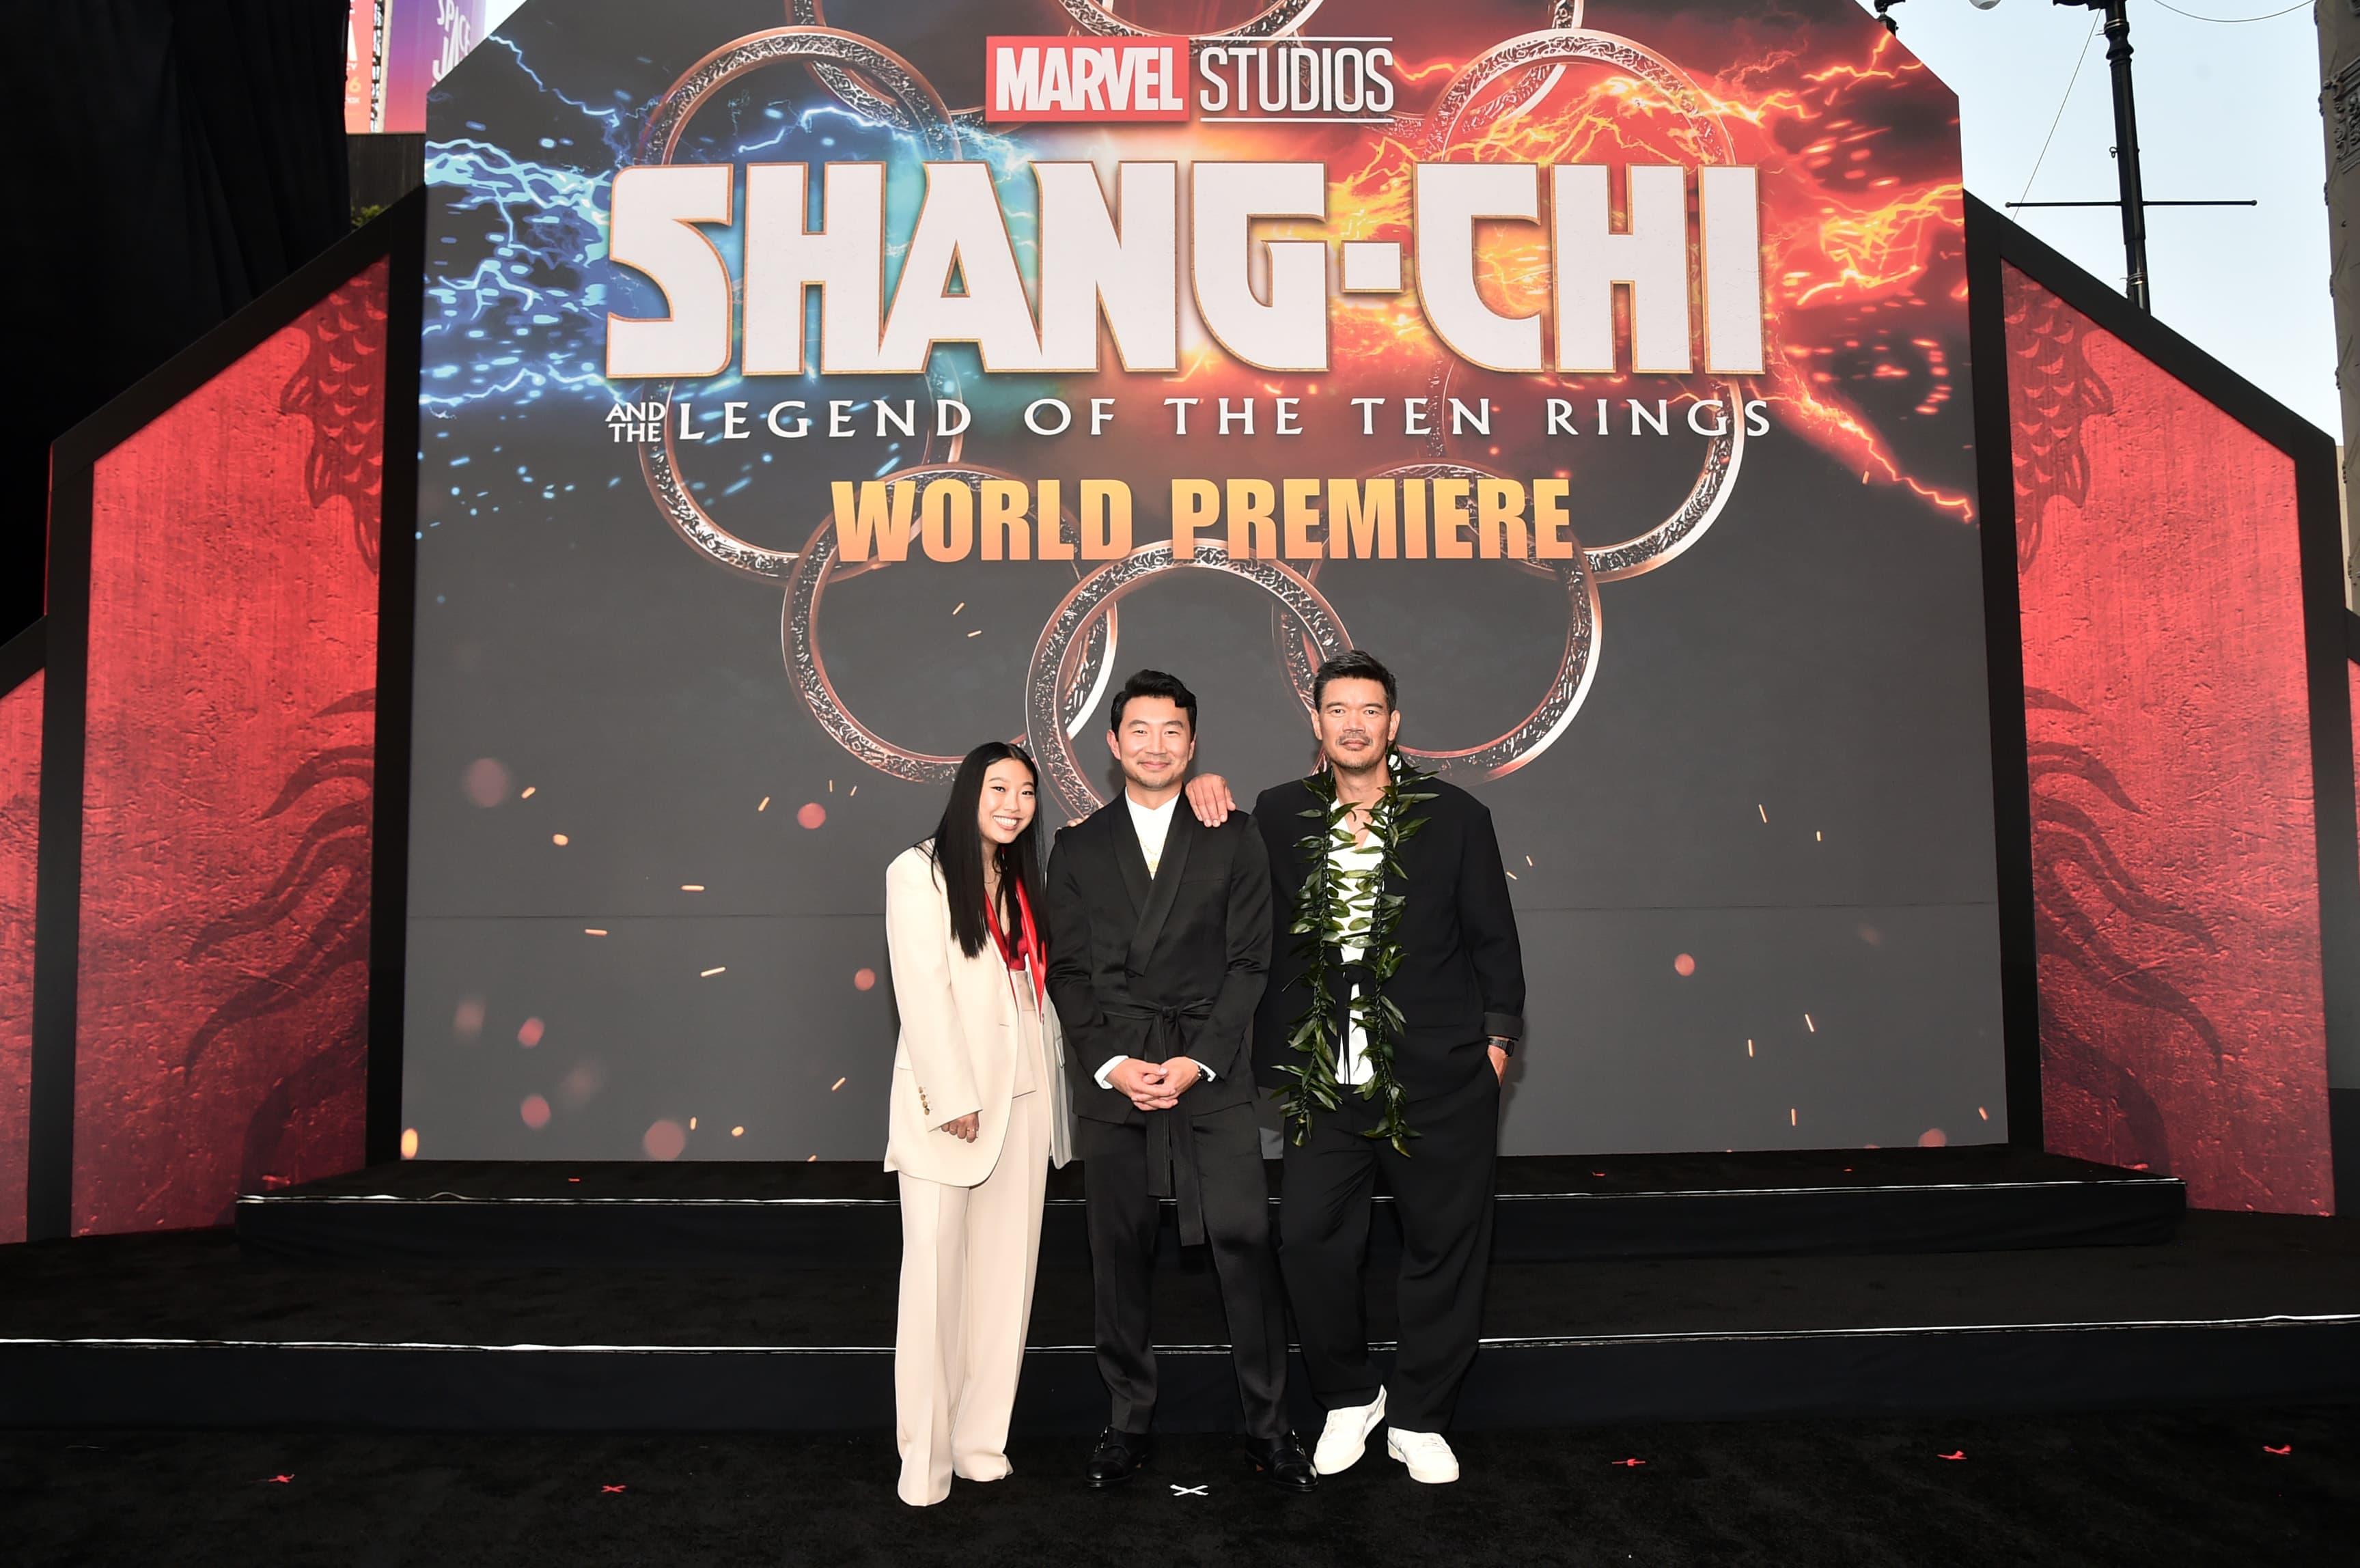 Shang-Chi: Confira as imagens da premiere e tapete vermelho